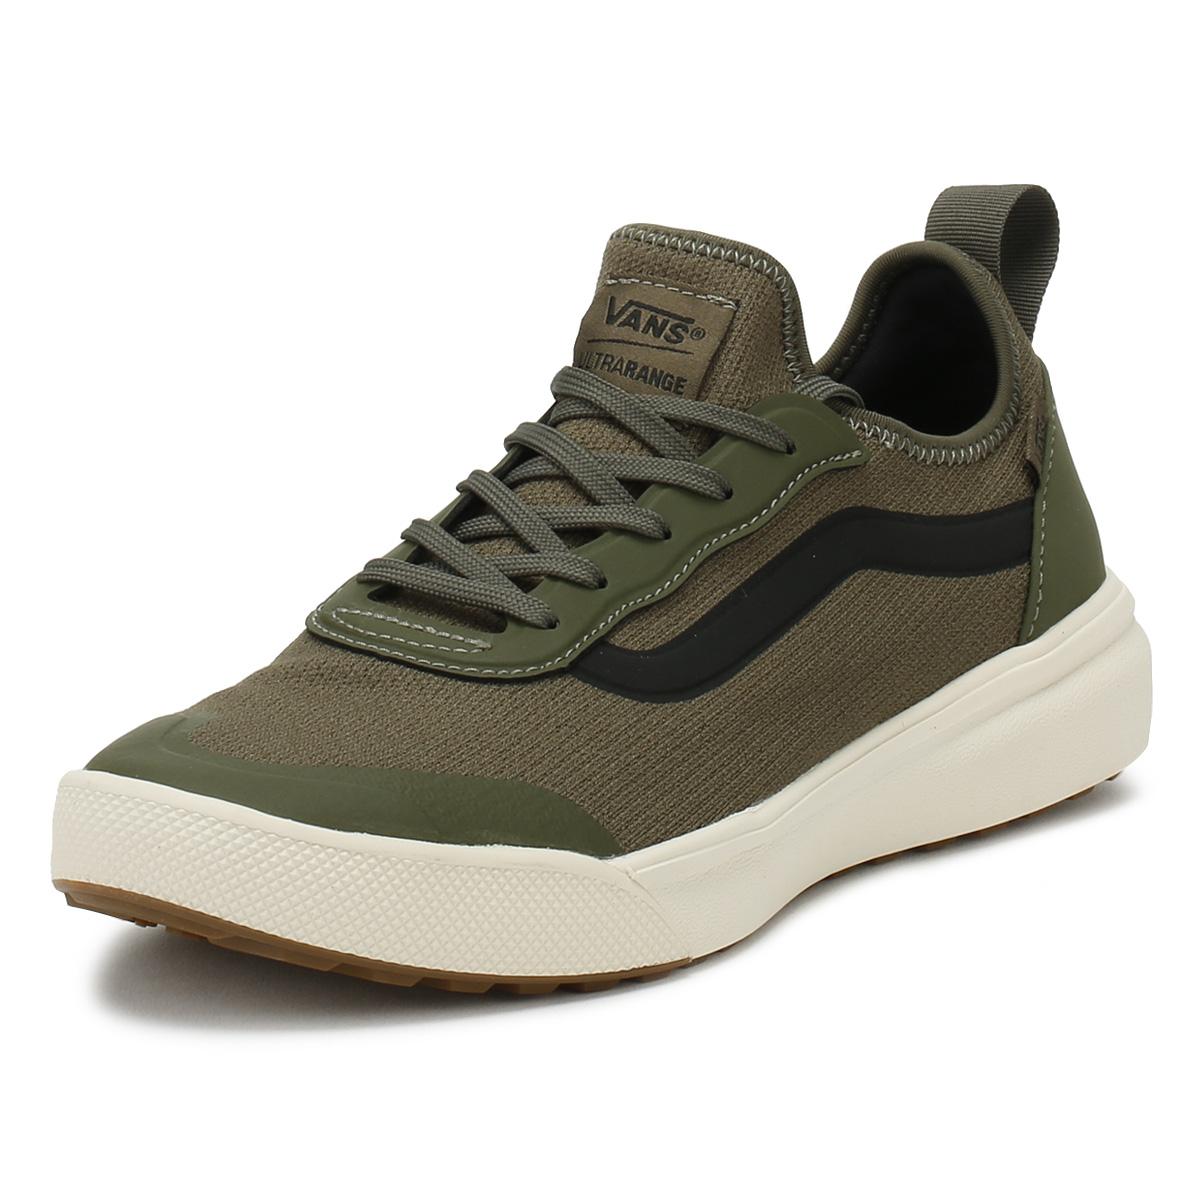 Vans Sneaker Uomo Foglia Verde Lavorato a Maglia ultrarange AC Lacci Sport Scarpe  Casual - mainstreetblytheville.org 969b57a6612